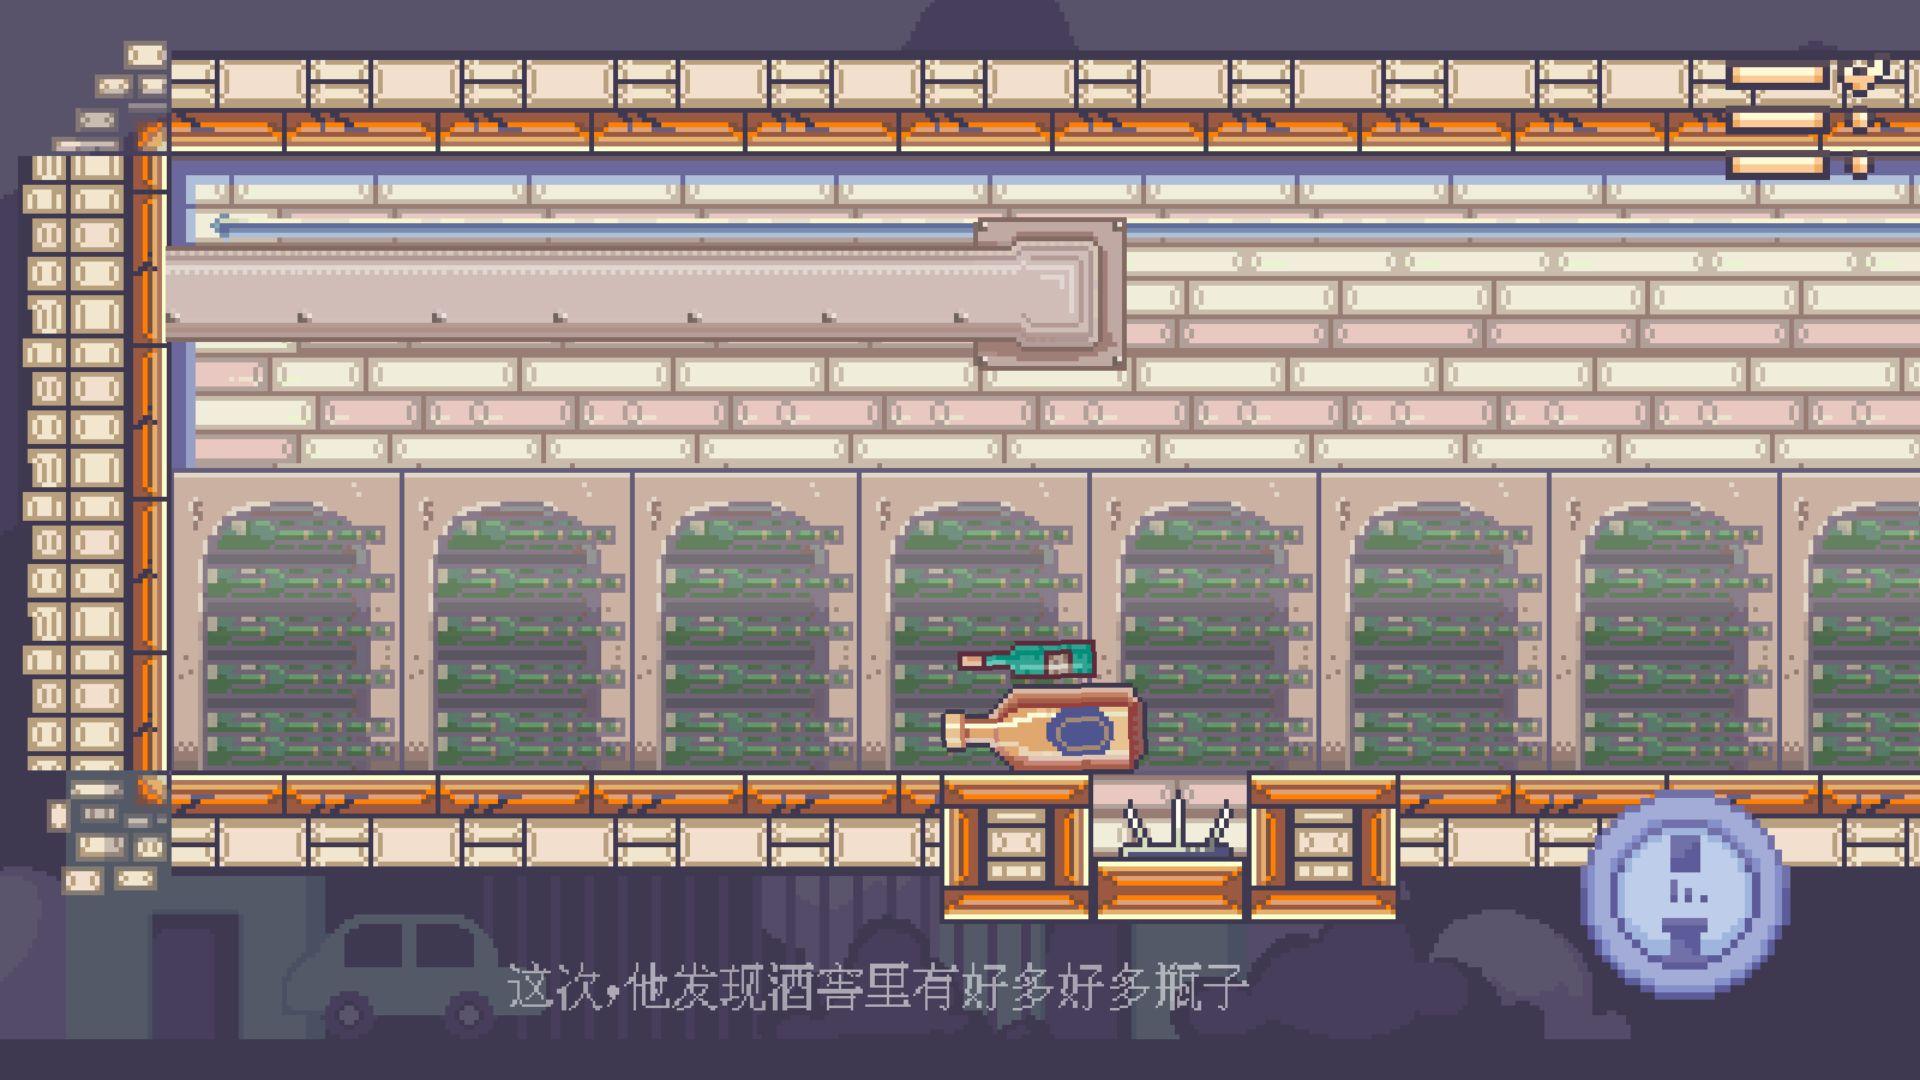 瓶子先生和他的梦想游戏最新版图2: